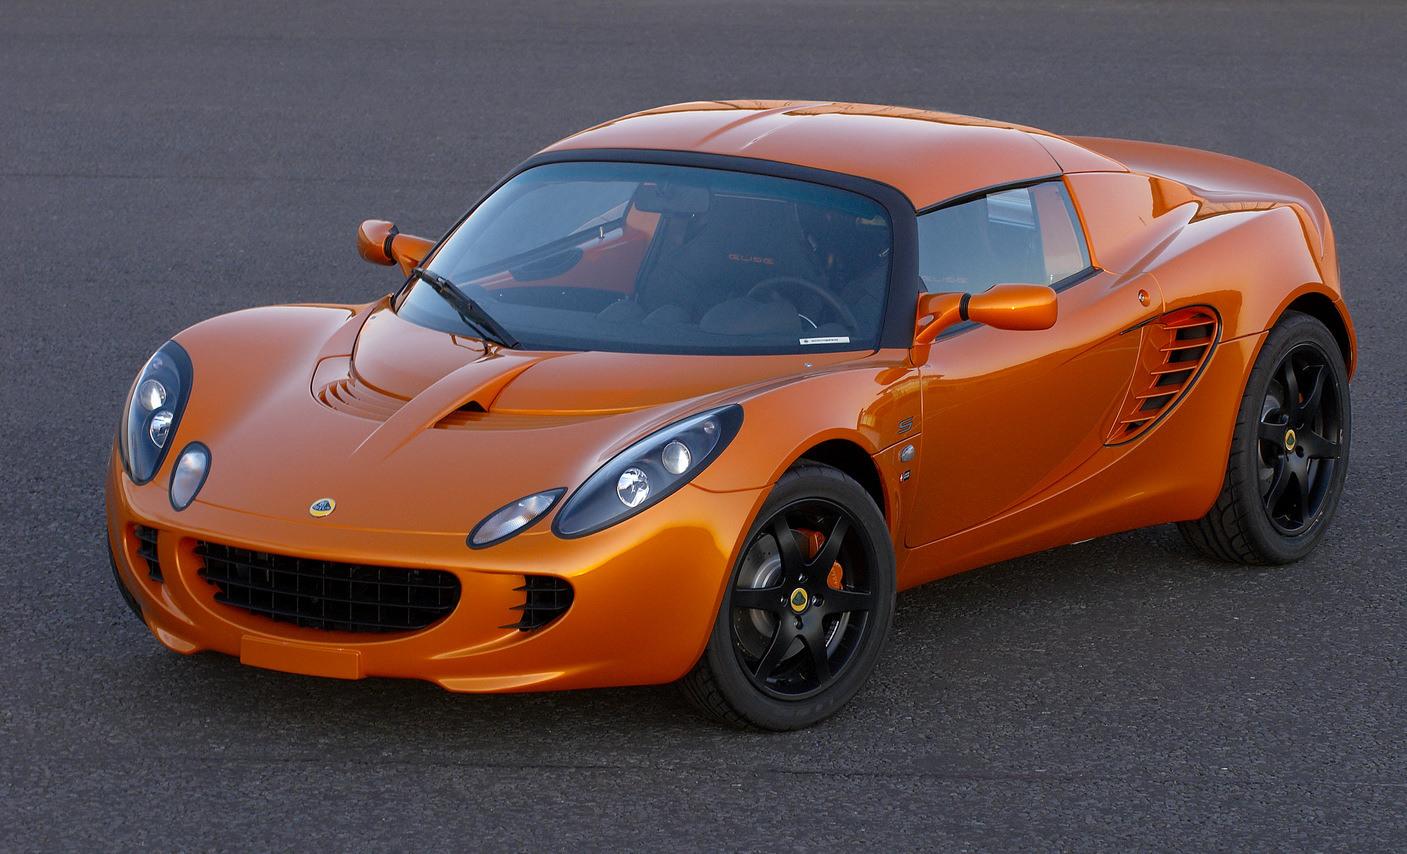 Lotus Cars Usa 7 Wide Car Wallpaper - CarWallpapersForDesktop.org